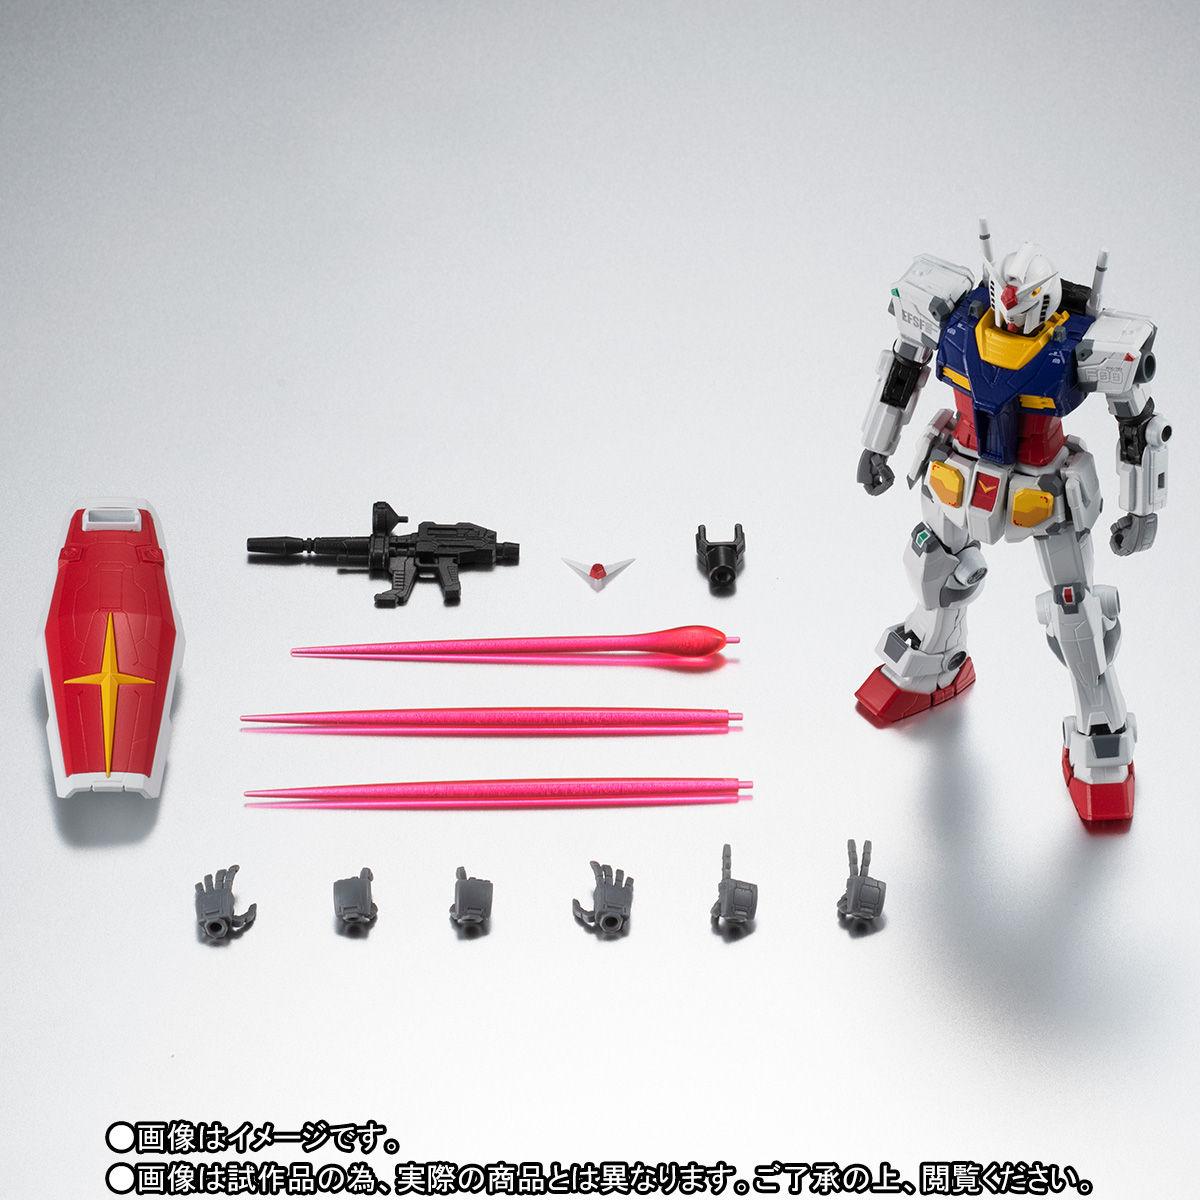 【限定販売】ROBOT魂〈SIDE MS〉『RX-78F00 ガンダム』可動フィギュア-010